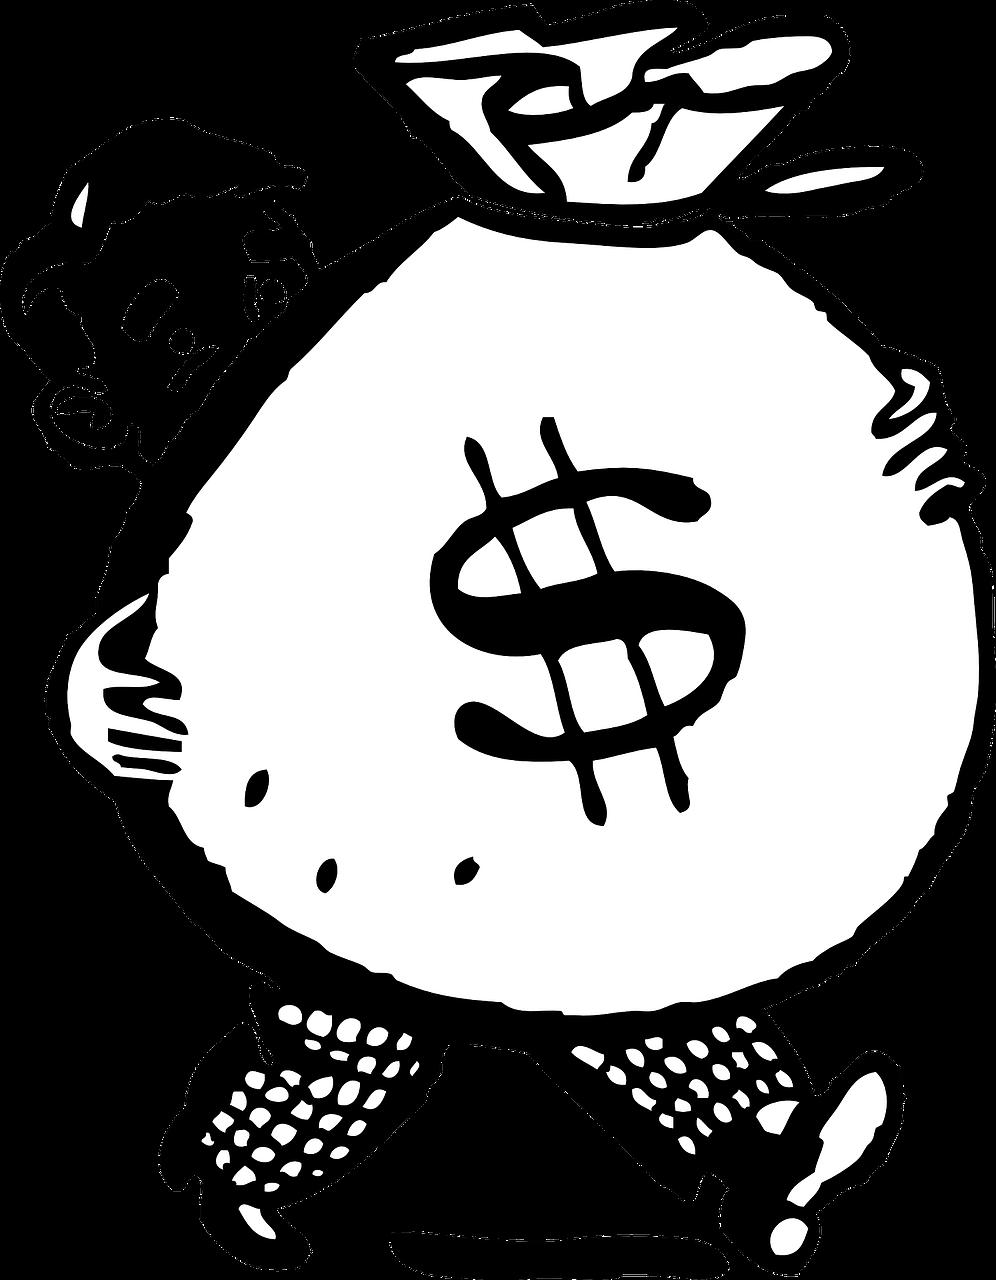 Dinero bis 01.12.14